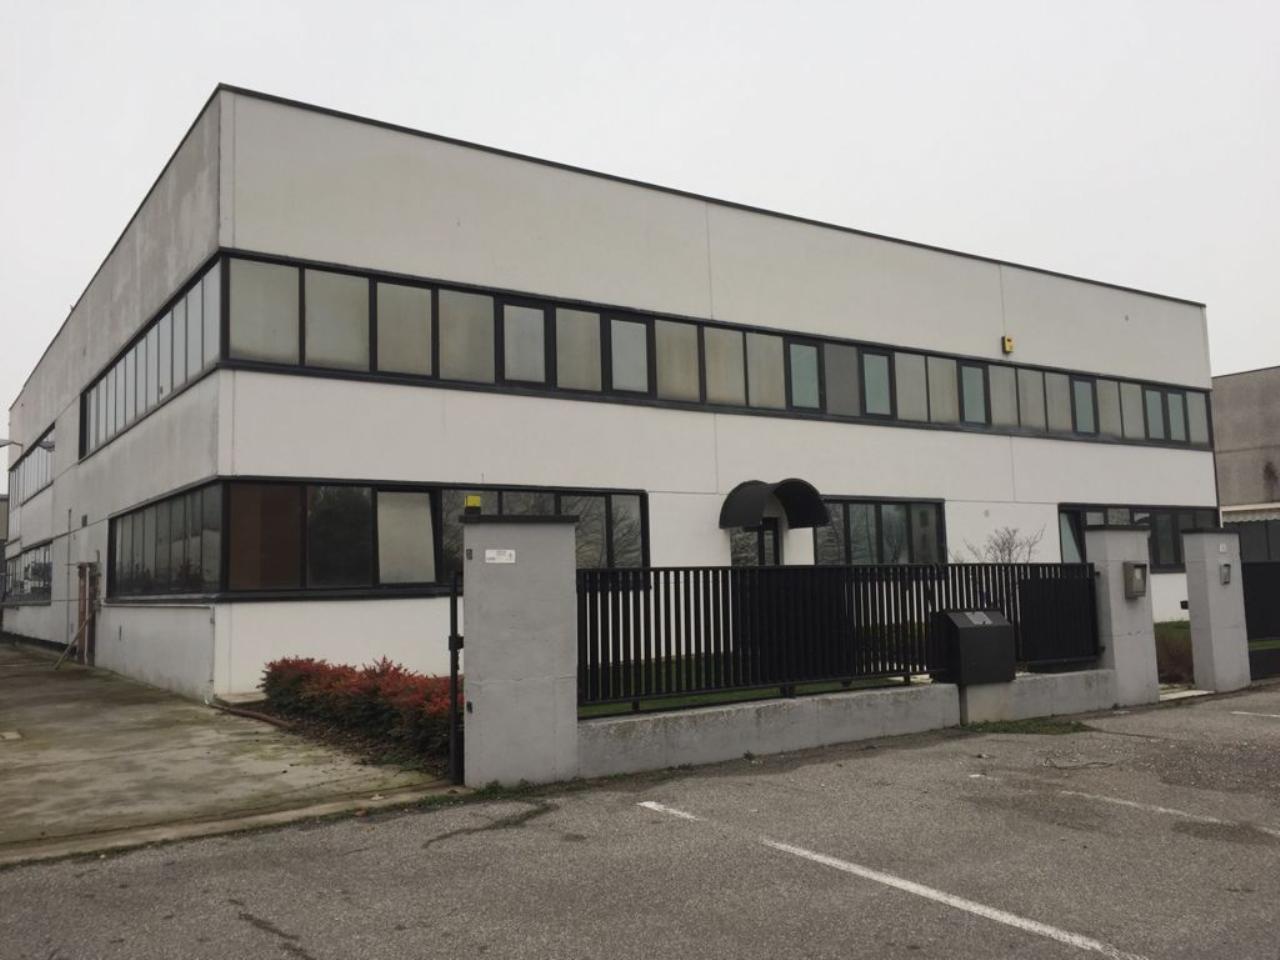 Ufficio MALAGNINO €1.700,00